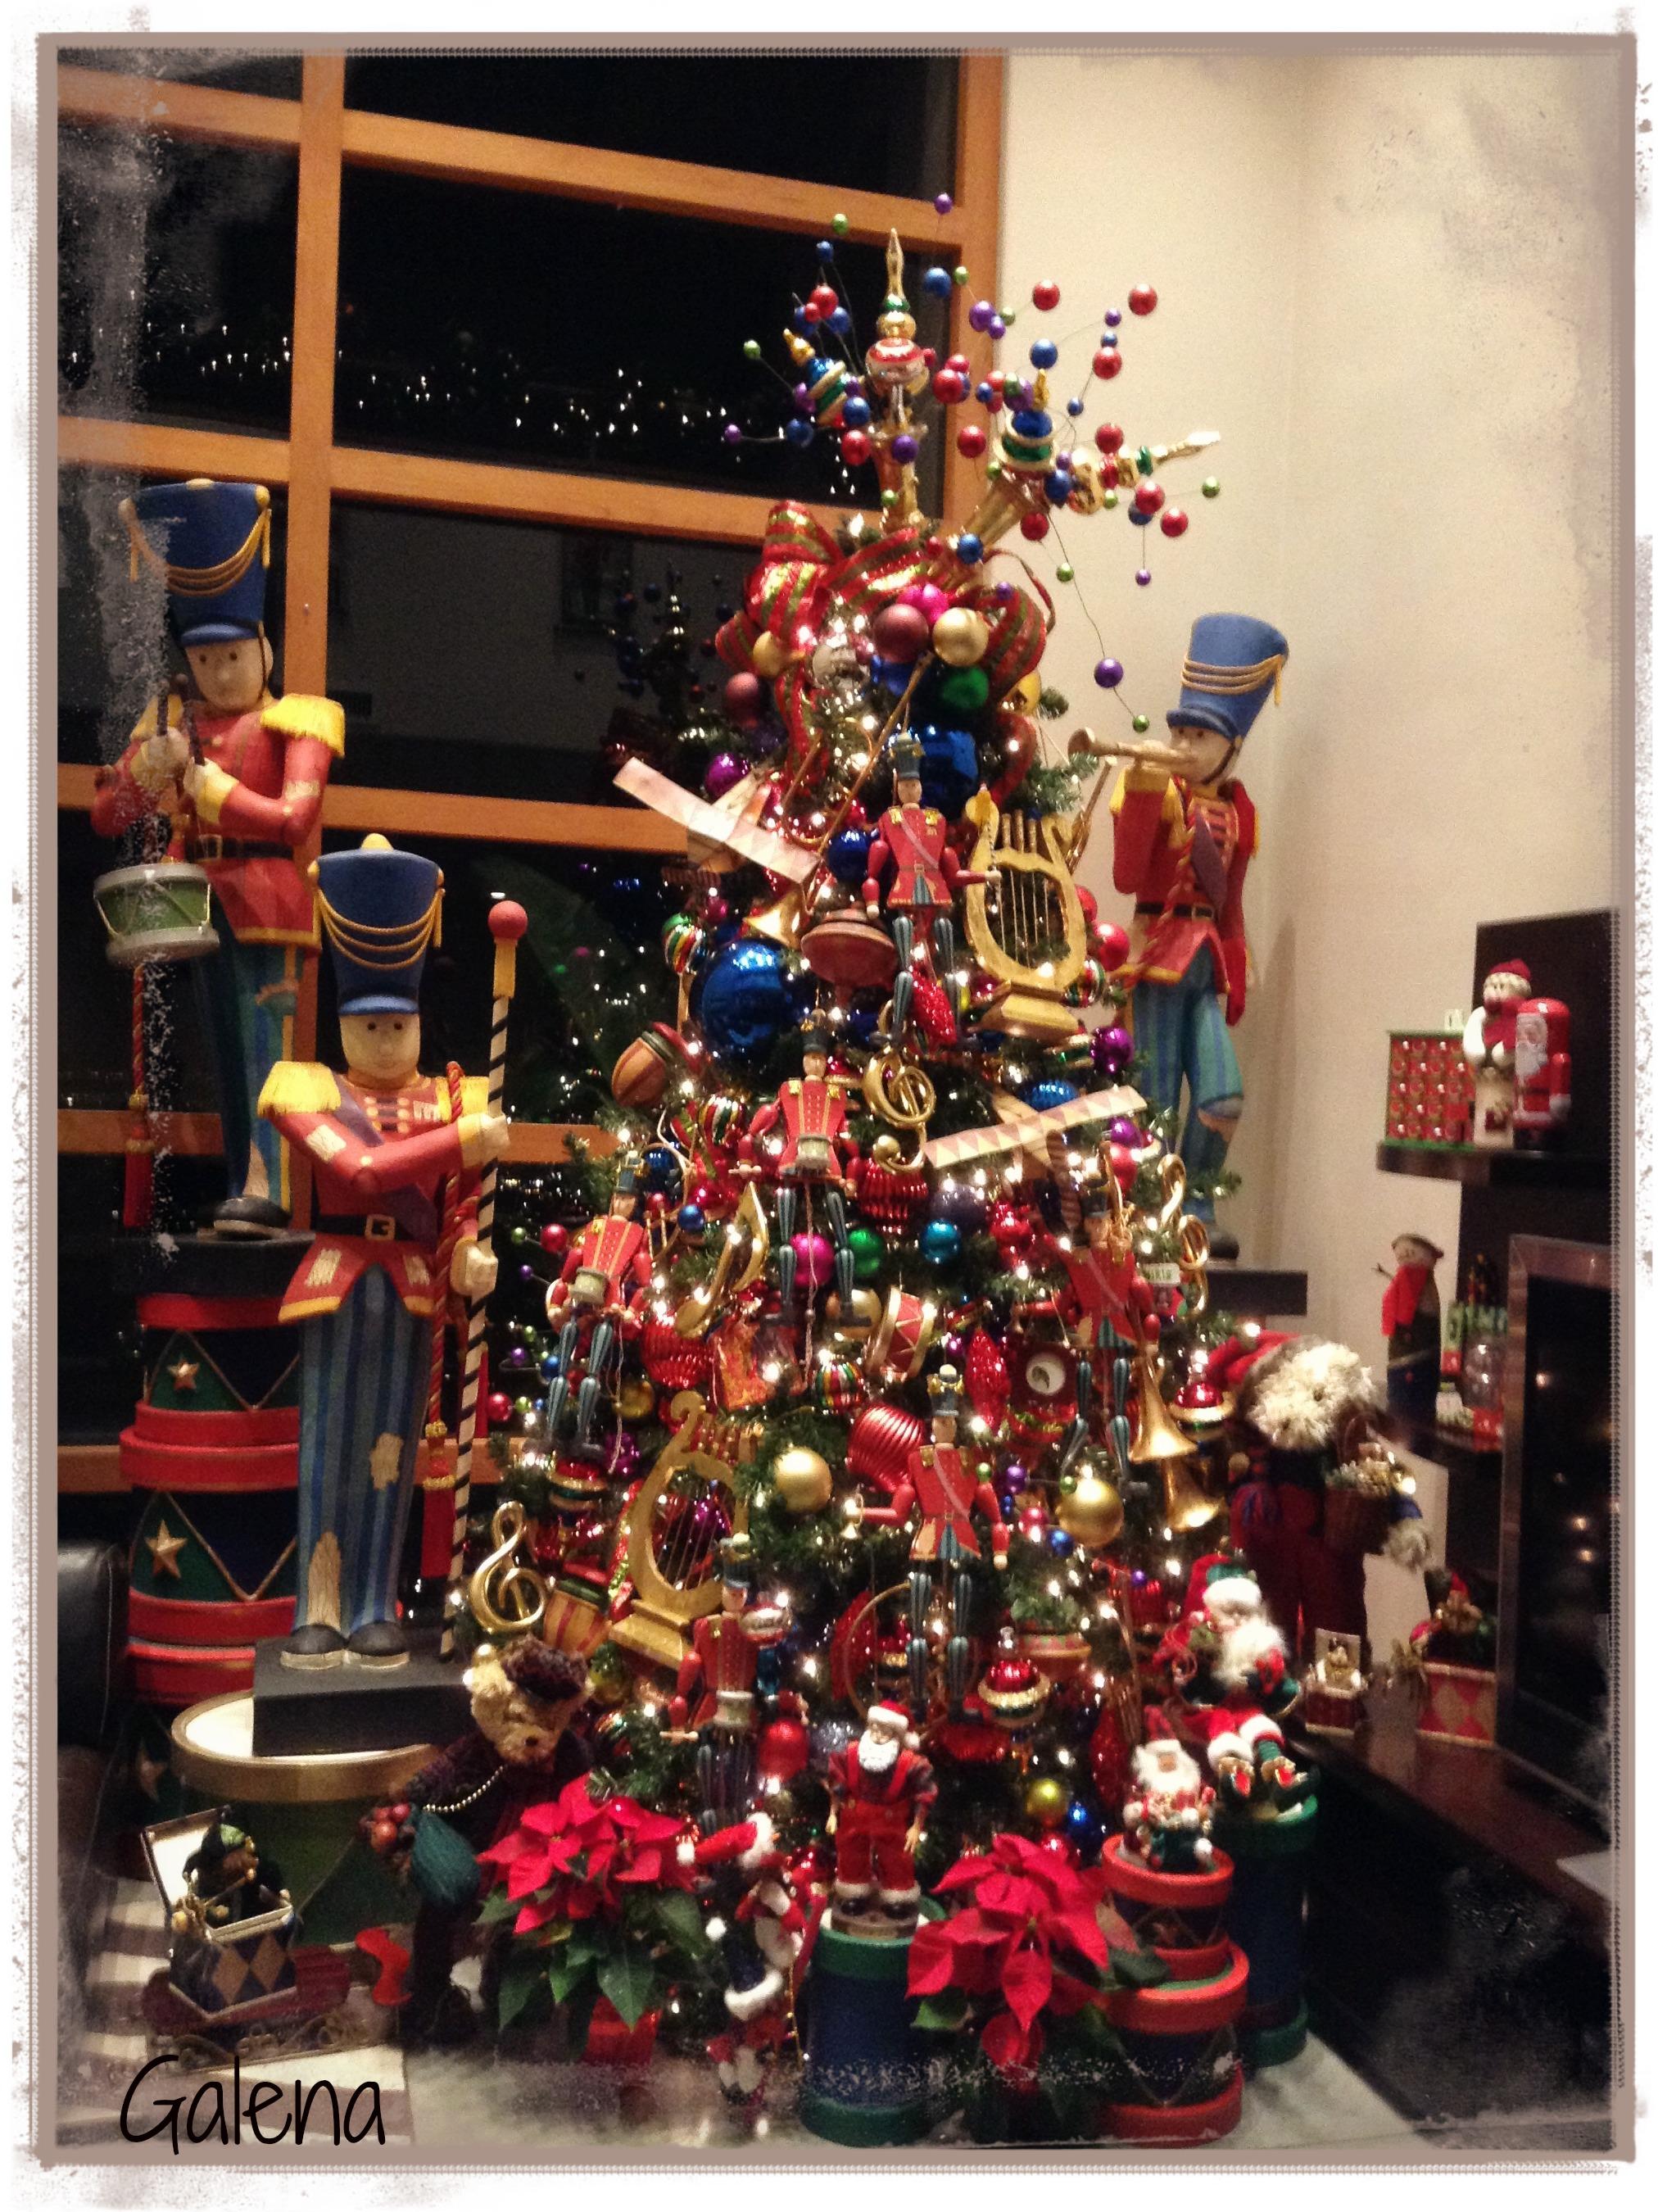 Decoraci n navide a escuelita de flores galena - Decoracion arbol navideno ...